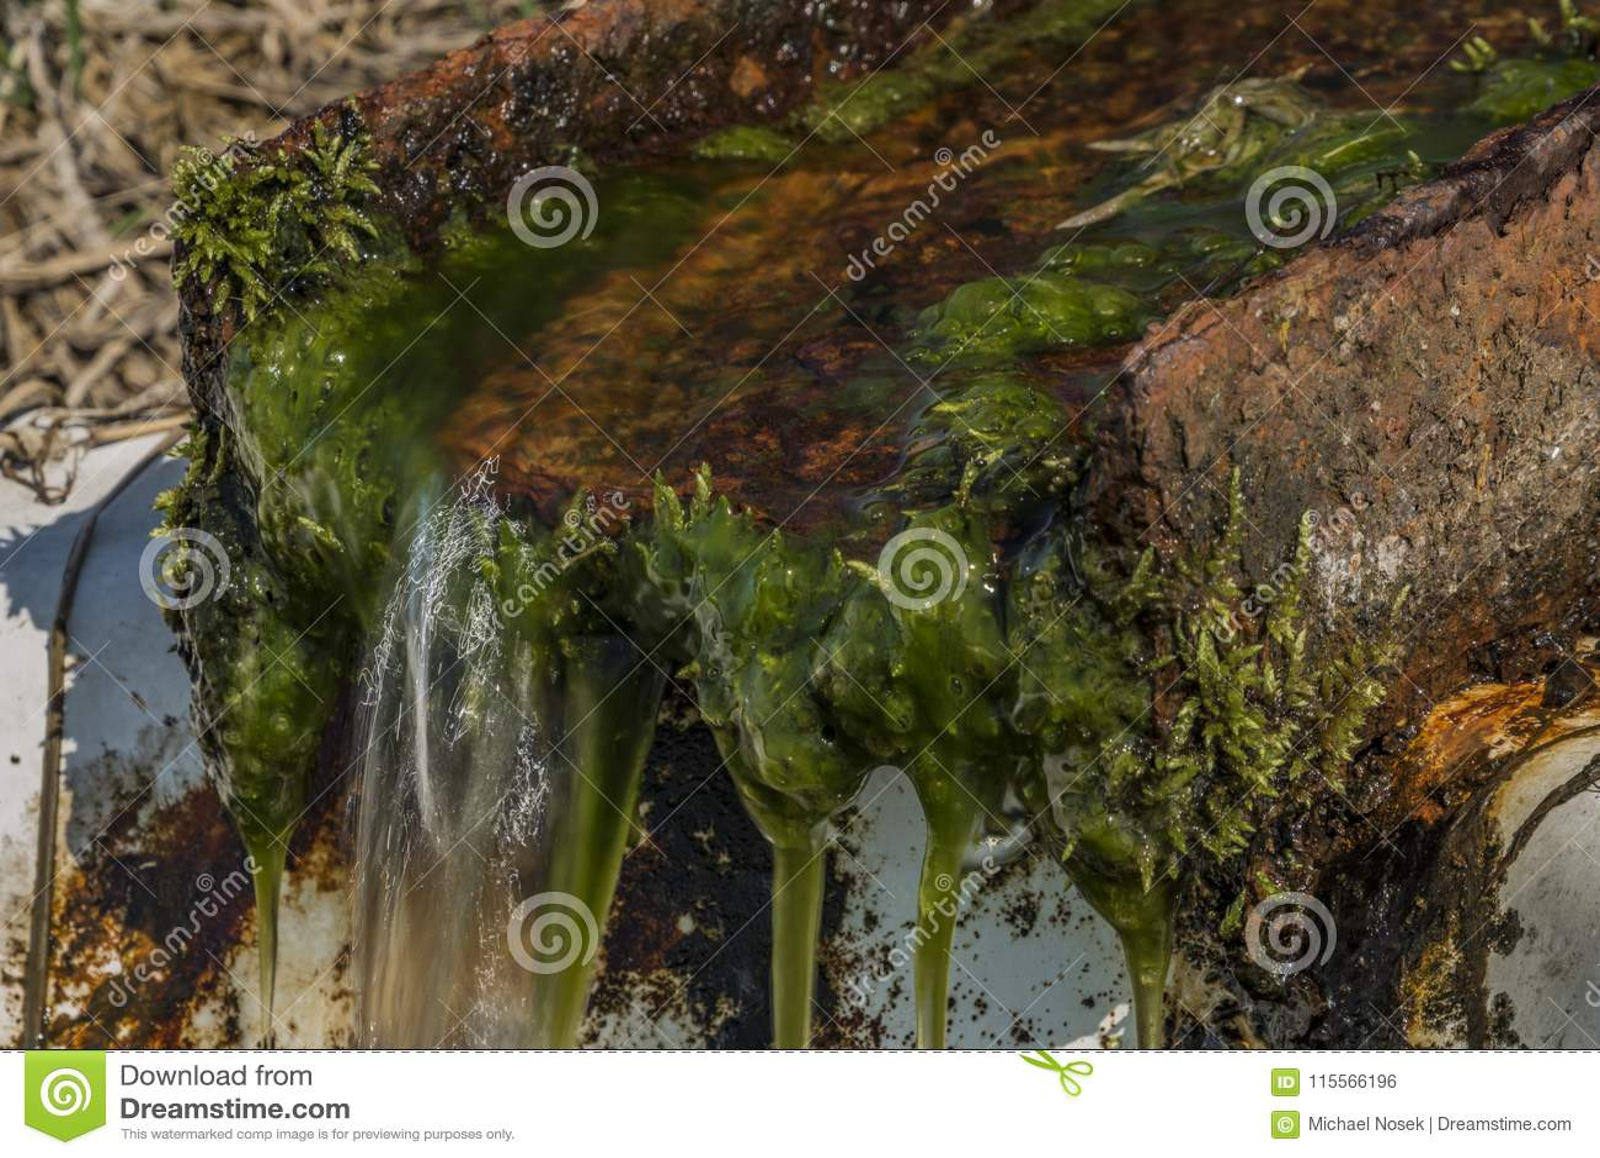 Quelle mit Trinkwasser und Bad auf Frühlingswiese